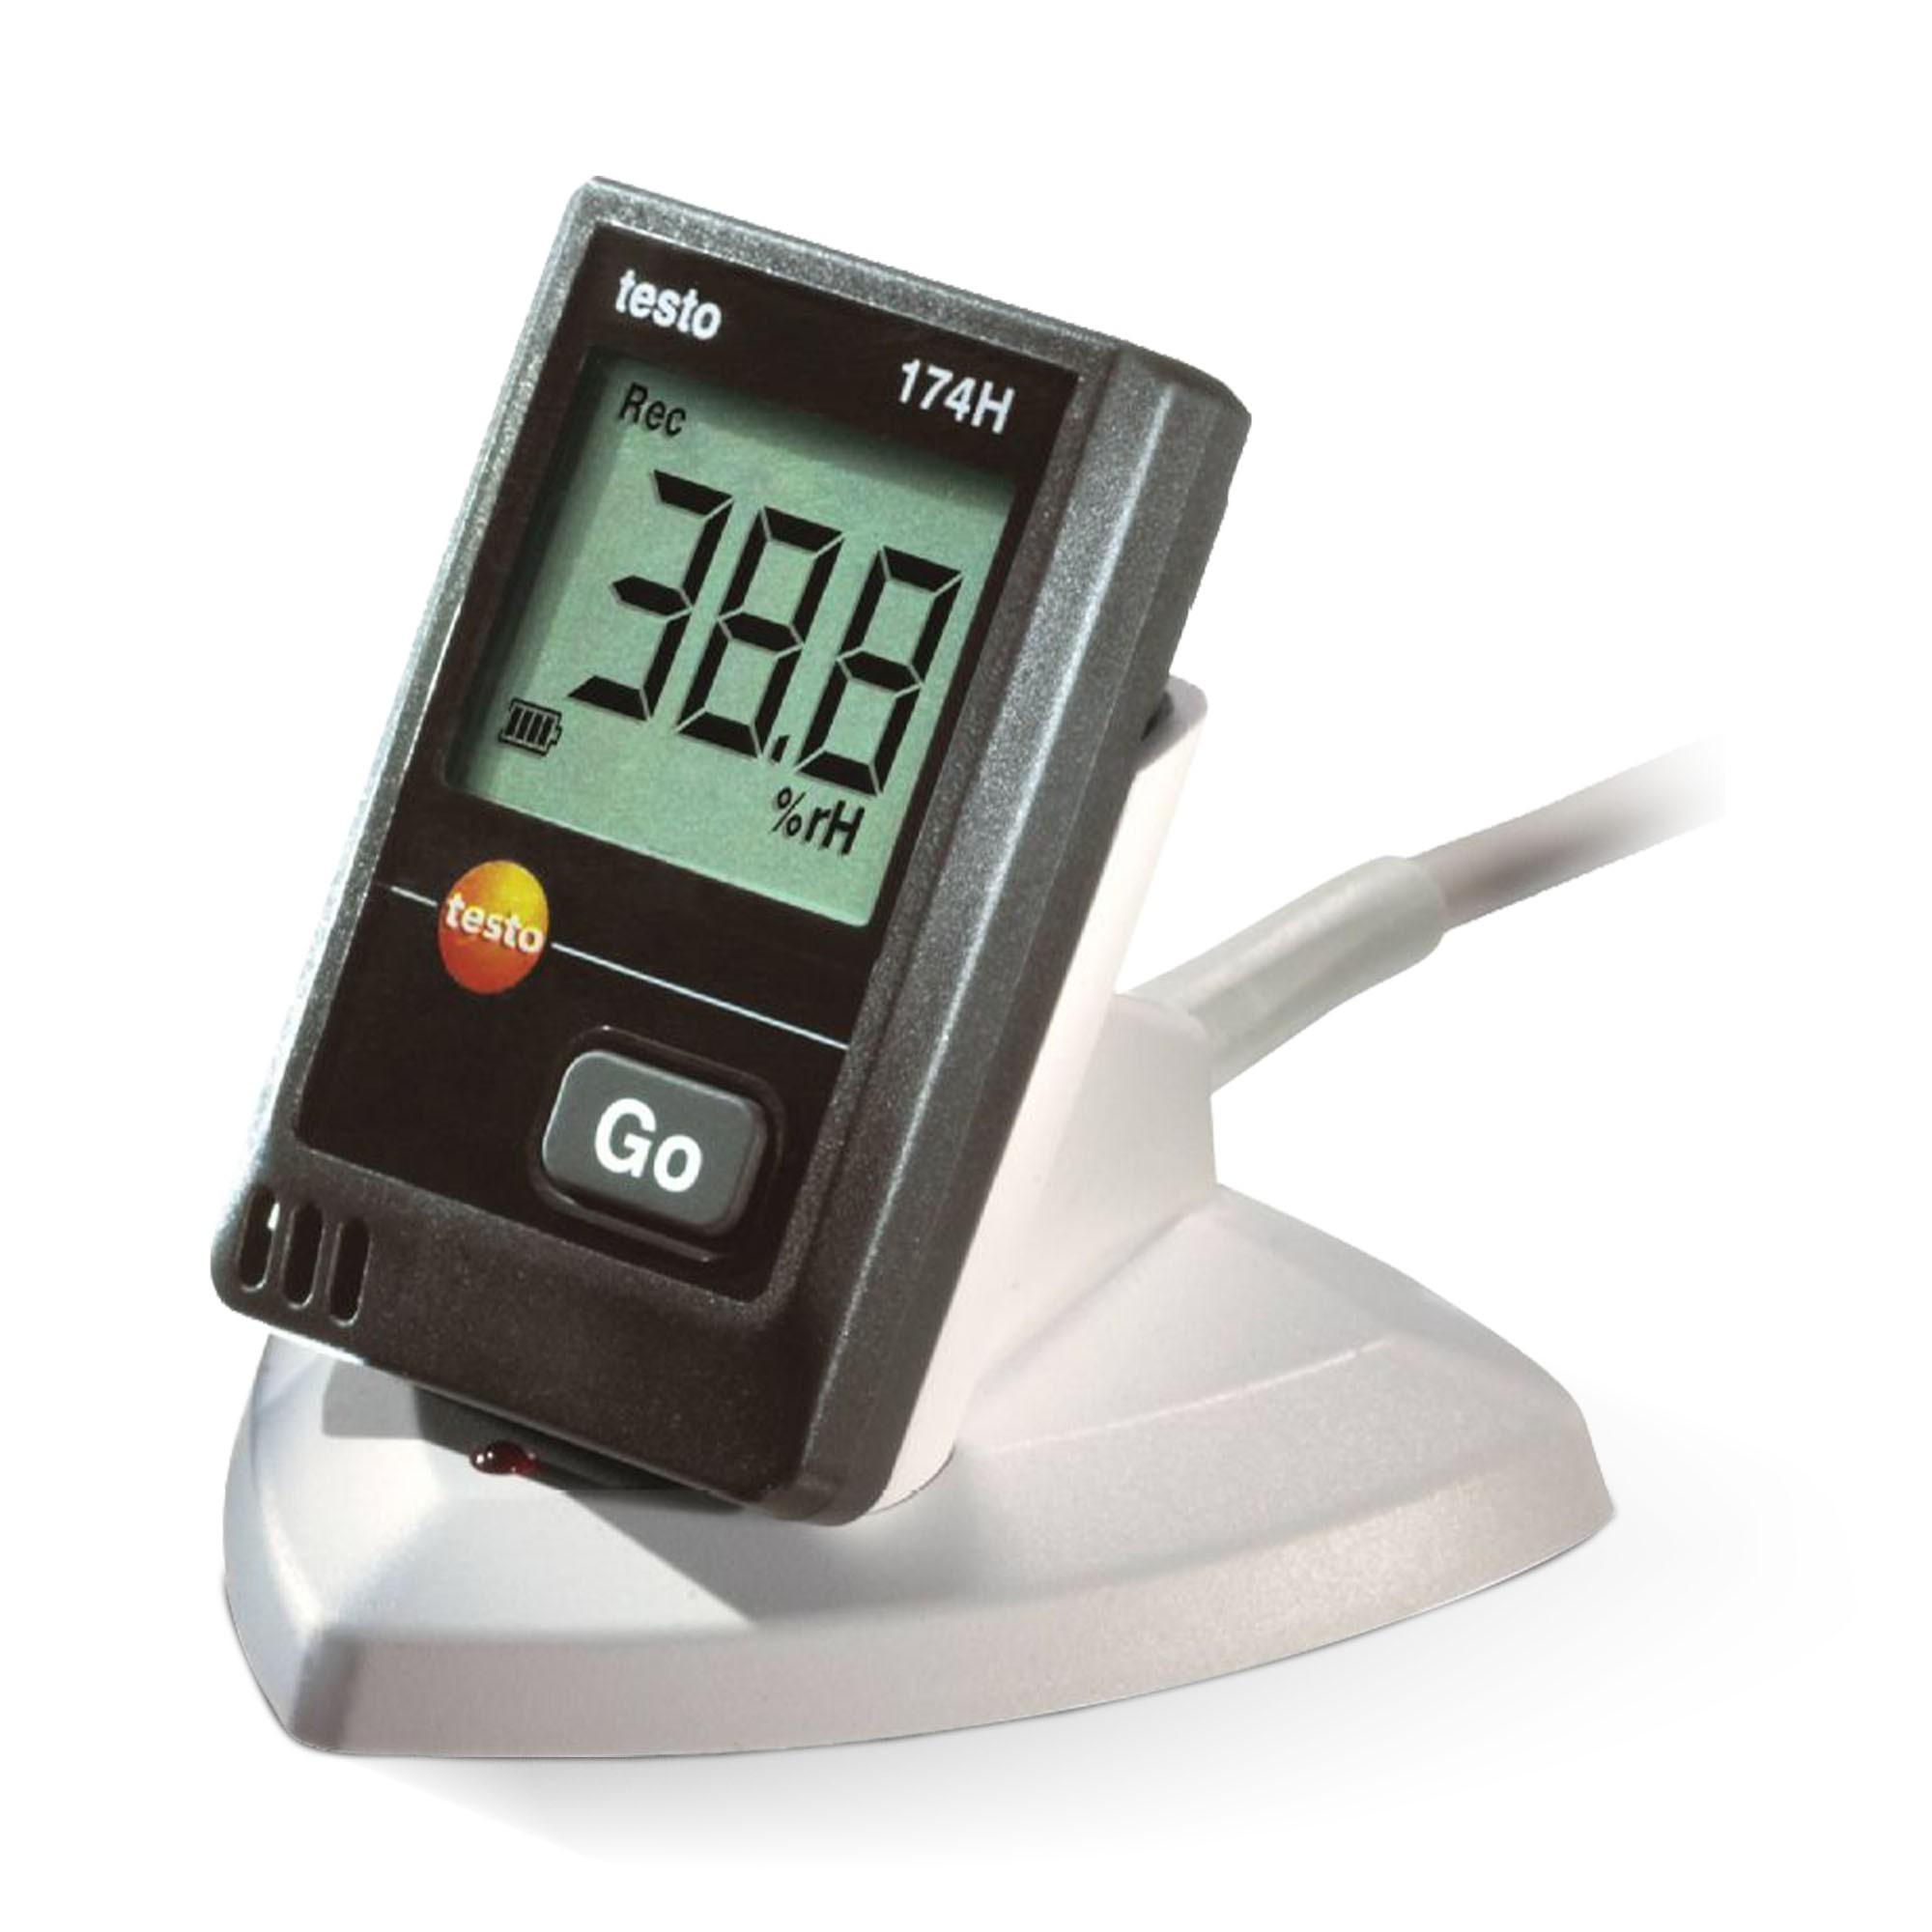 KIT TESTO 174H - Mini datalogger para temperatura e umidade